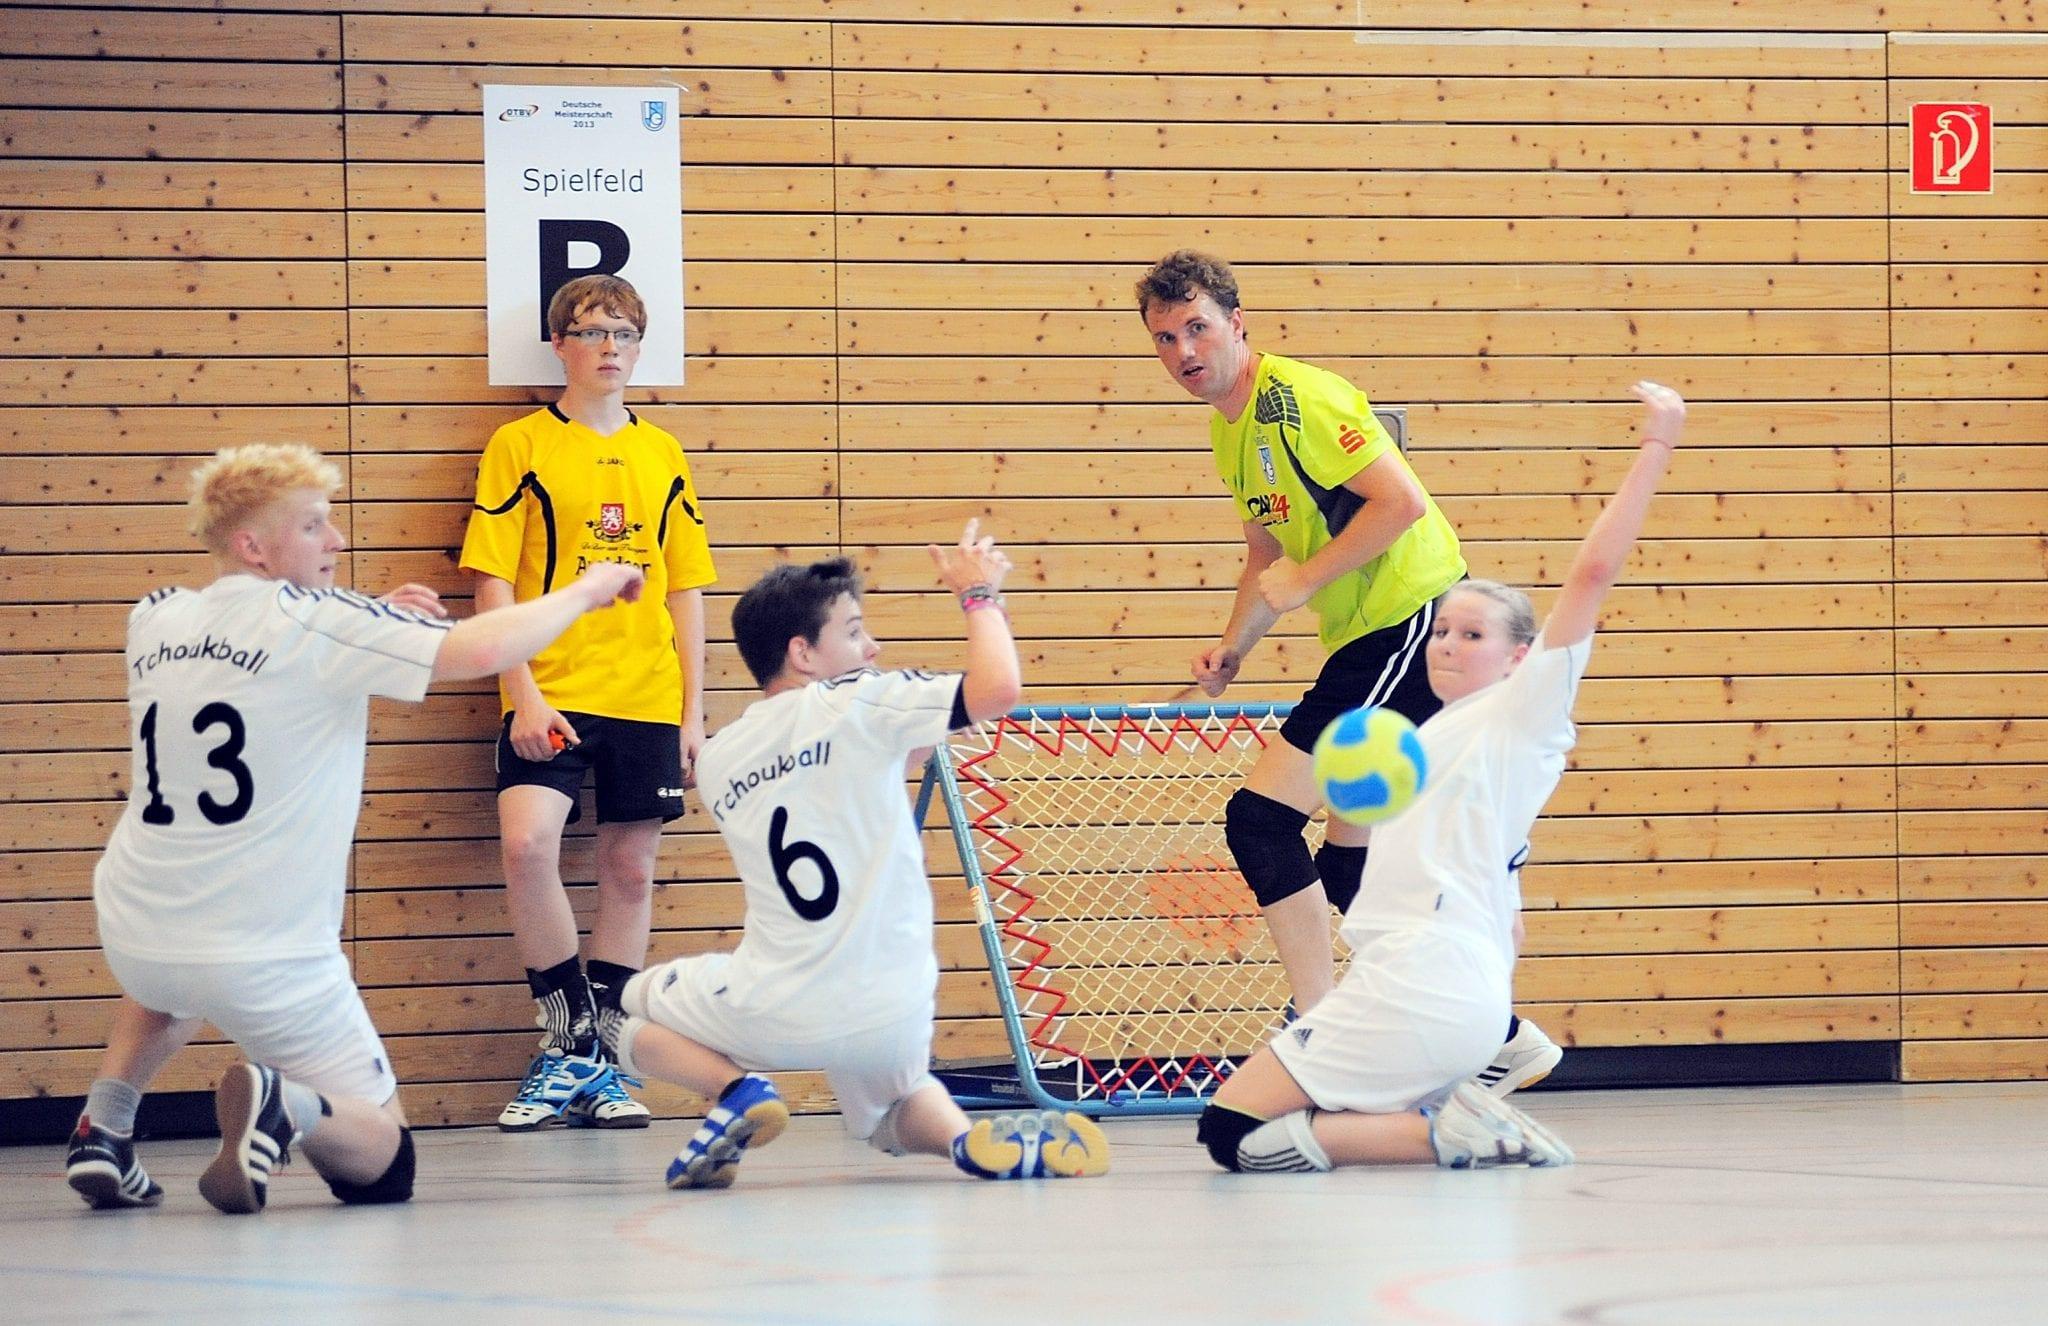 Erfurt war am Wochenende erstmals Austragungsort der Deutschen Meisterschaft im Tchoukball. Hier: Andreas König von Gastgeber SG Urbich II (grüne Trikots) im Vorrundenspiel gegen das Team Tchoukball Halver II. Halver gewann 34:18. Foto: Susann Fromm